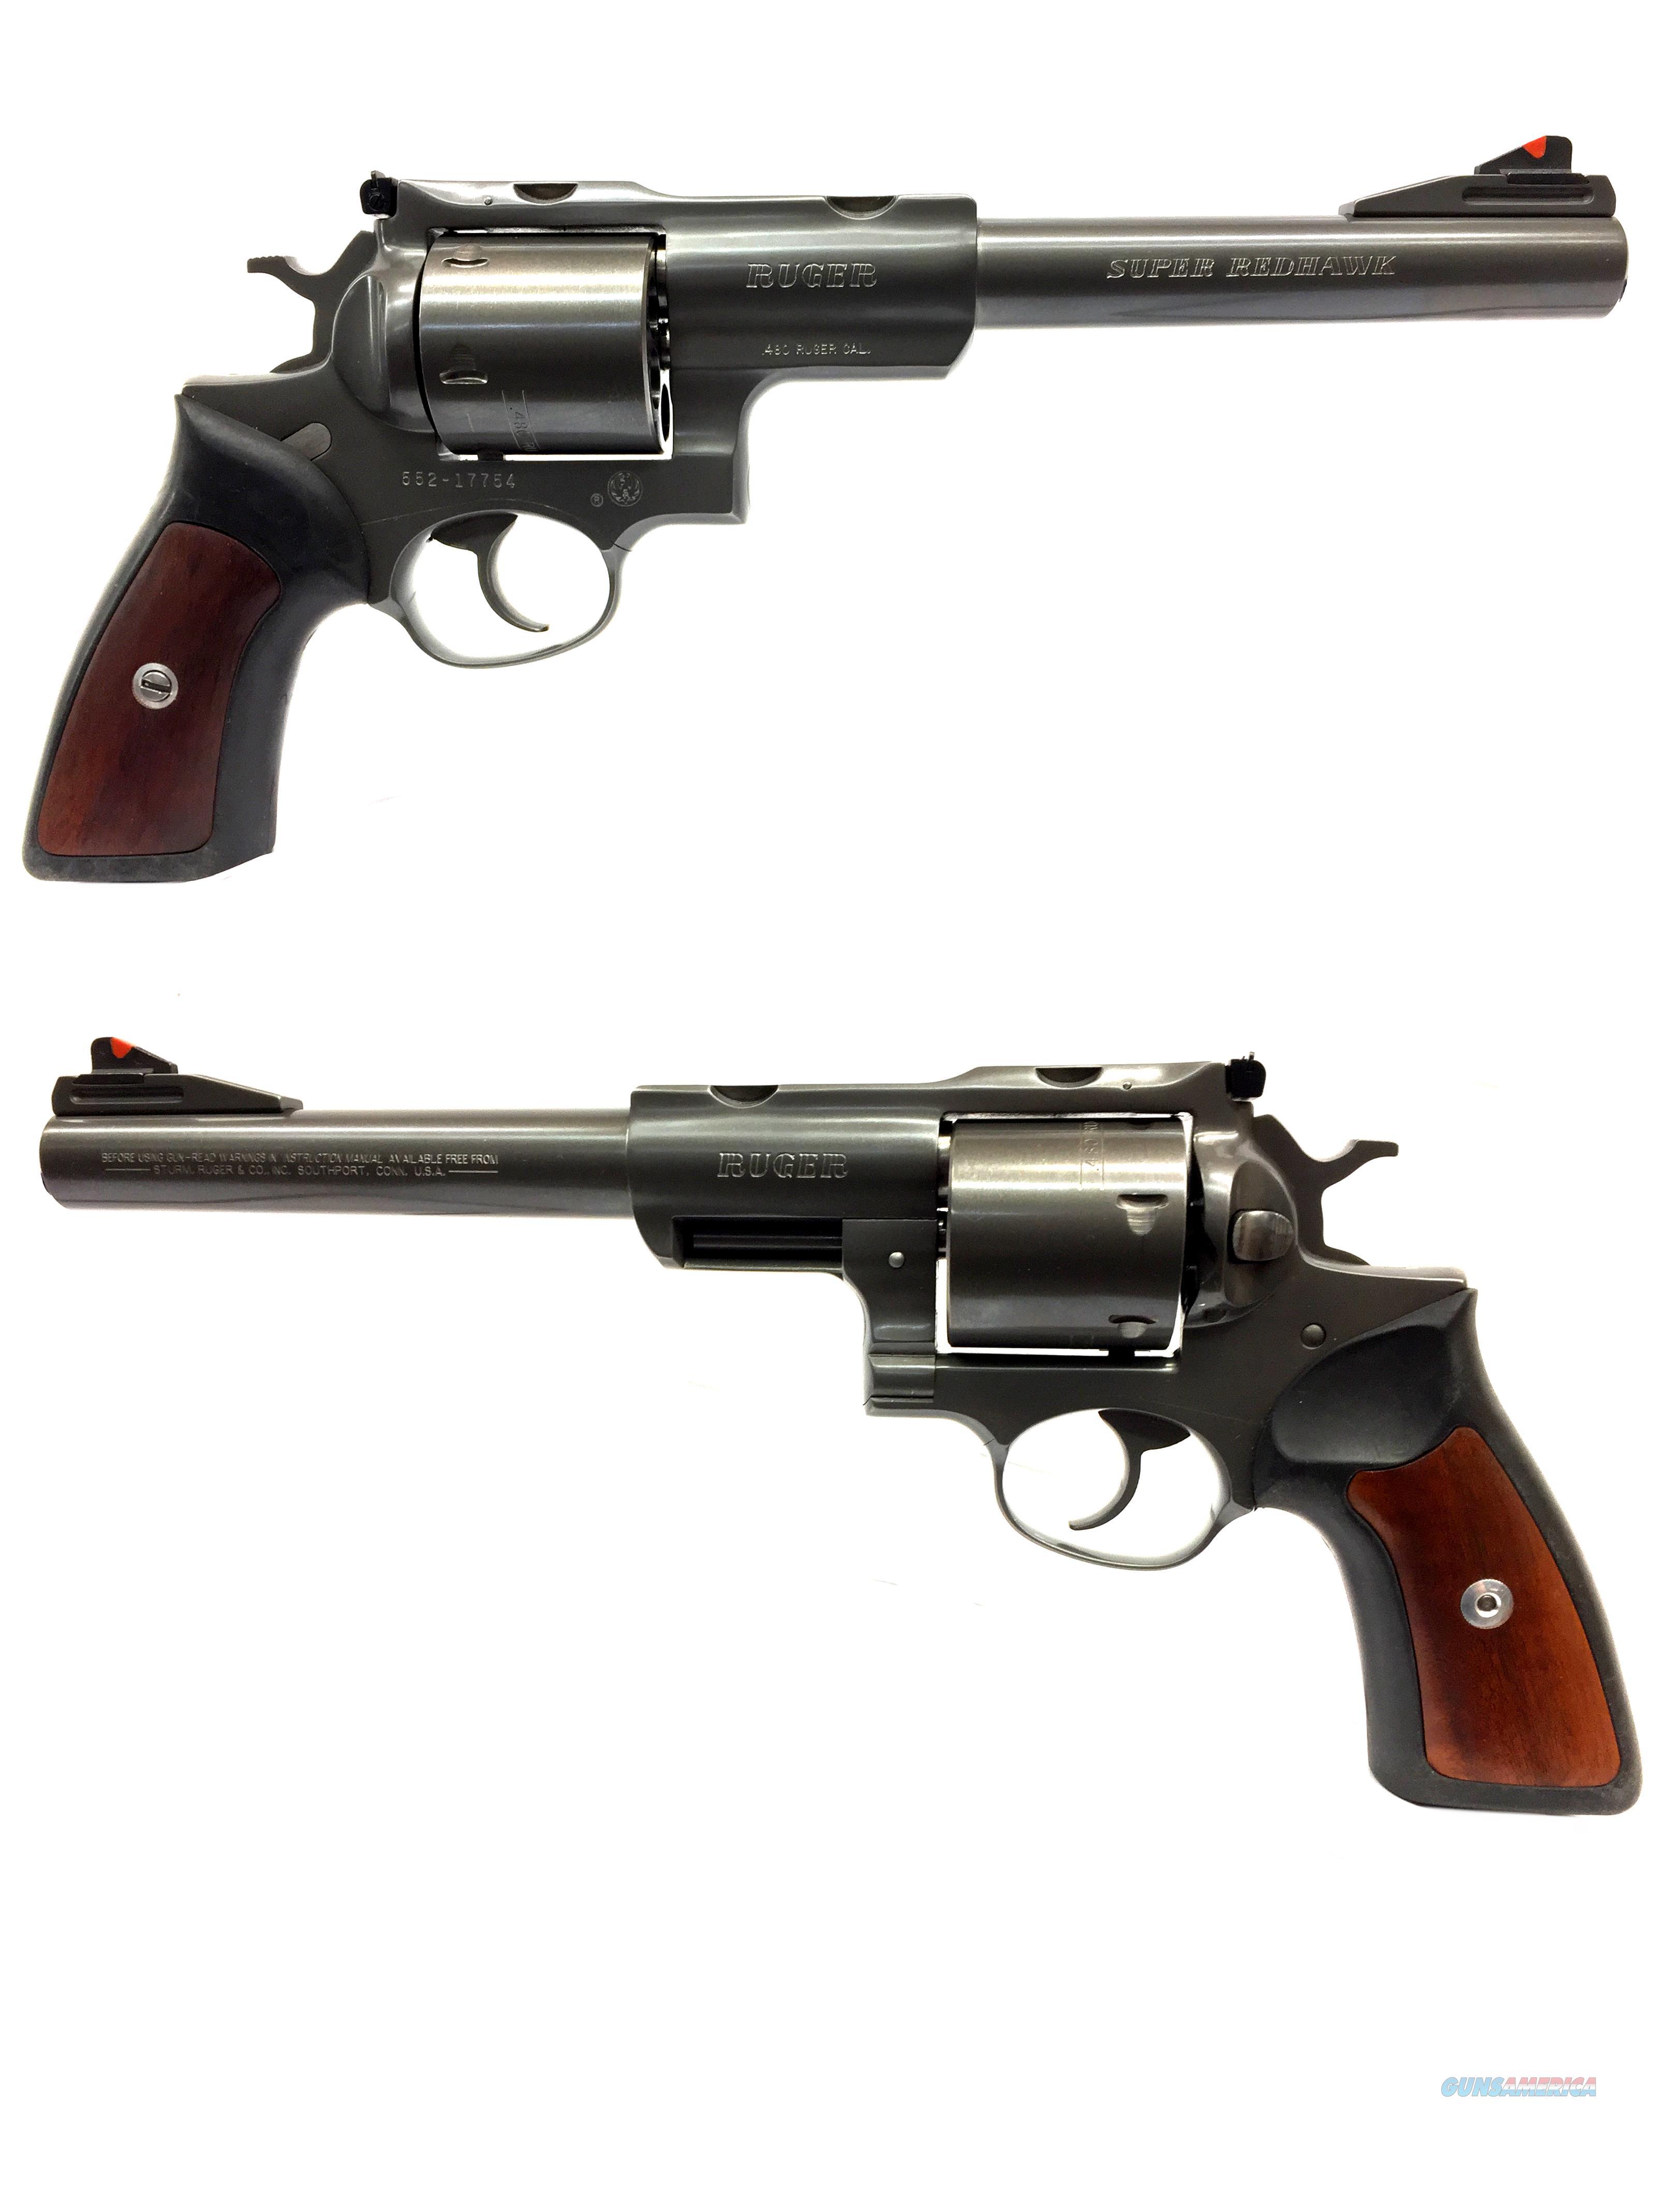 Ruger Super Redhawk .480 RUGER Revolver  Guns > Pistols > Ruger Double Action Revolver > Redhawk Type